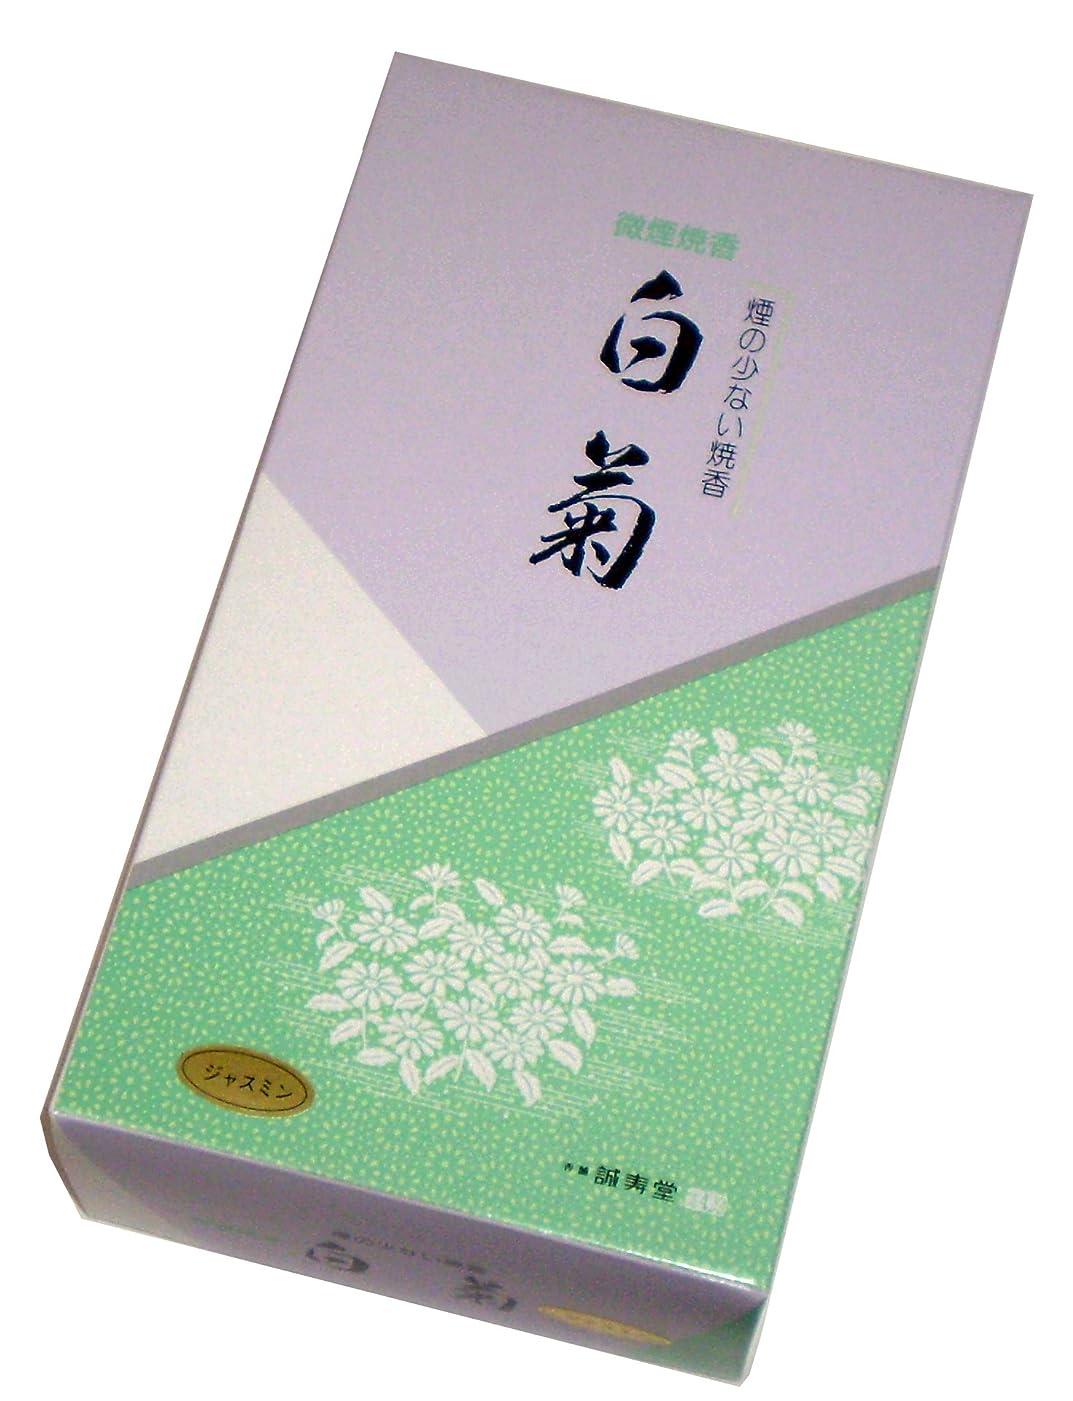 混合小屋アミューズメント誠寿堂のお線香 微煙焼香 白菊(ジャスミン)500g #FJ21